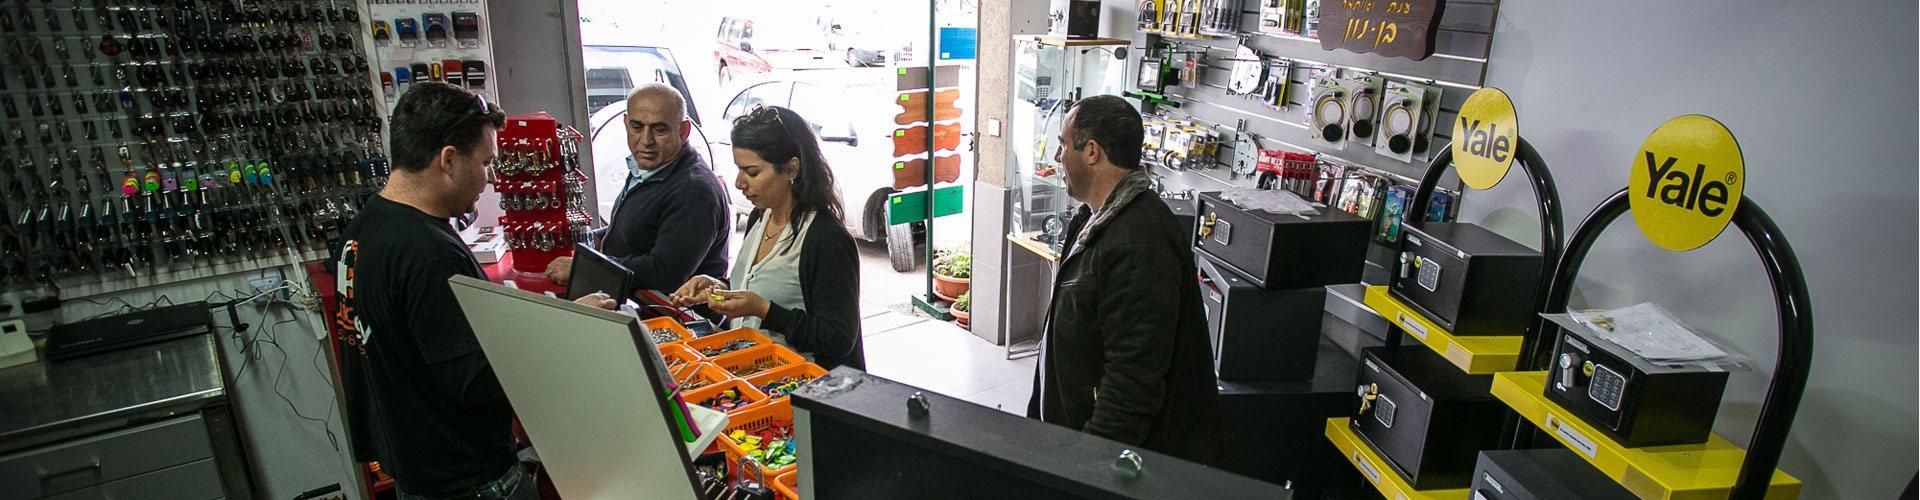 לקוחות בסדנת המנעולן של קוויקי בפרדס חנה